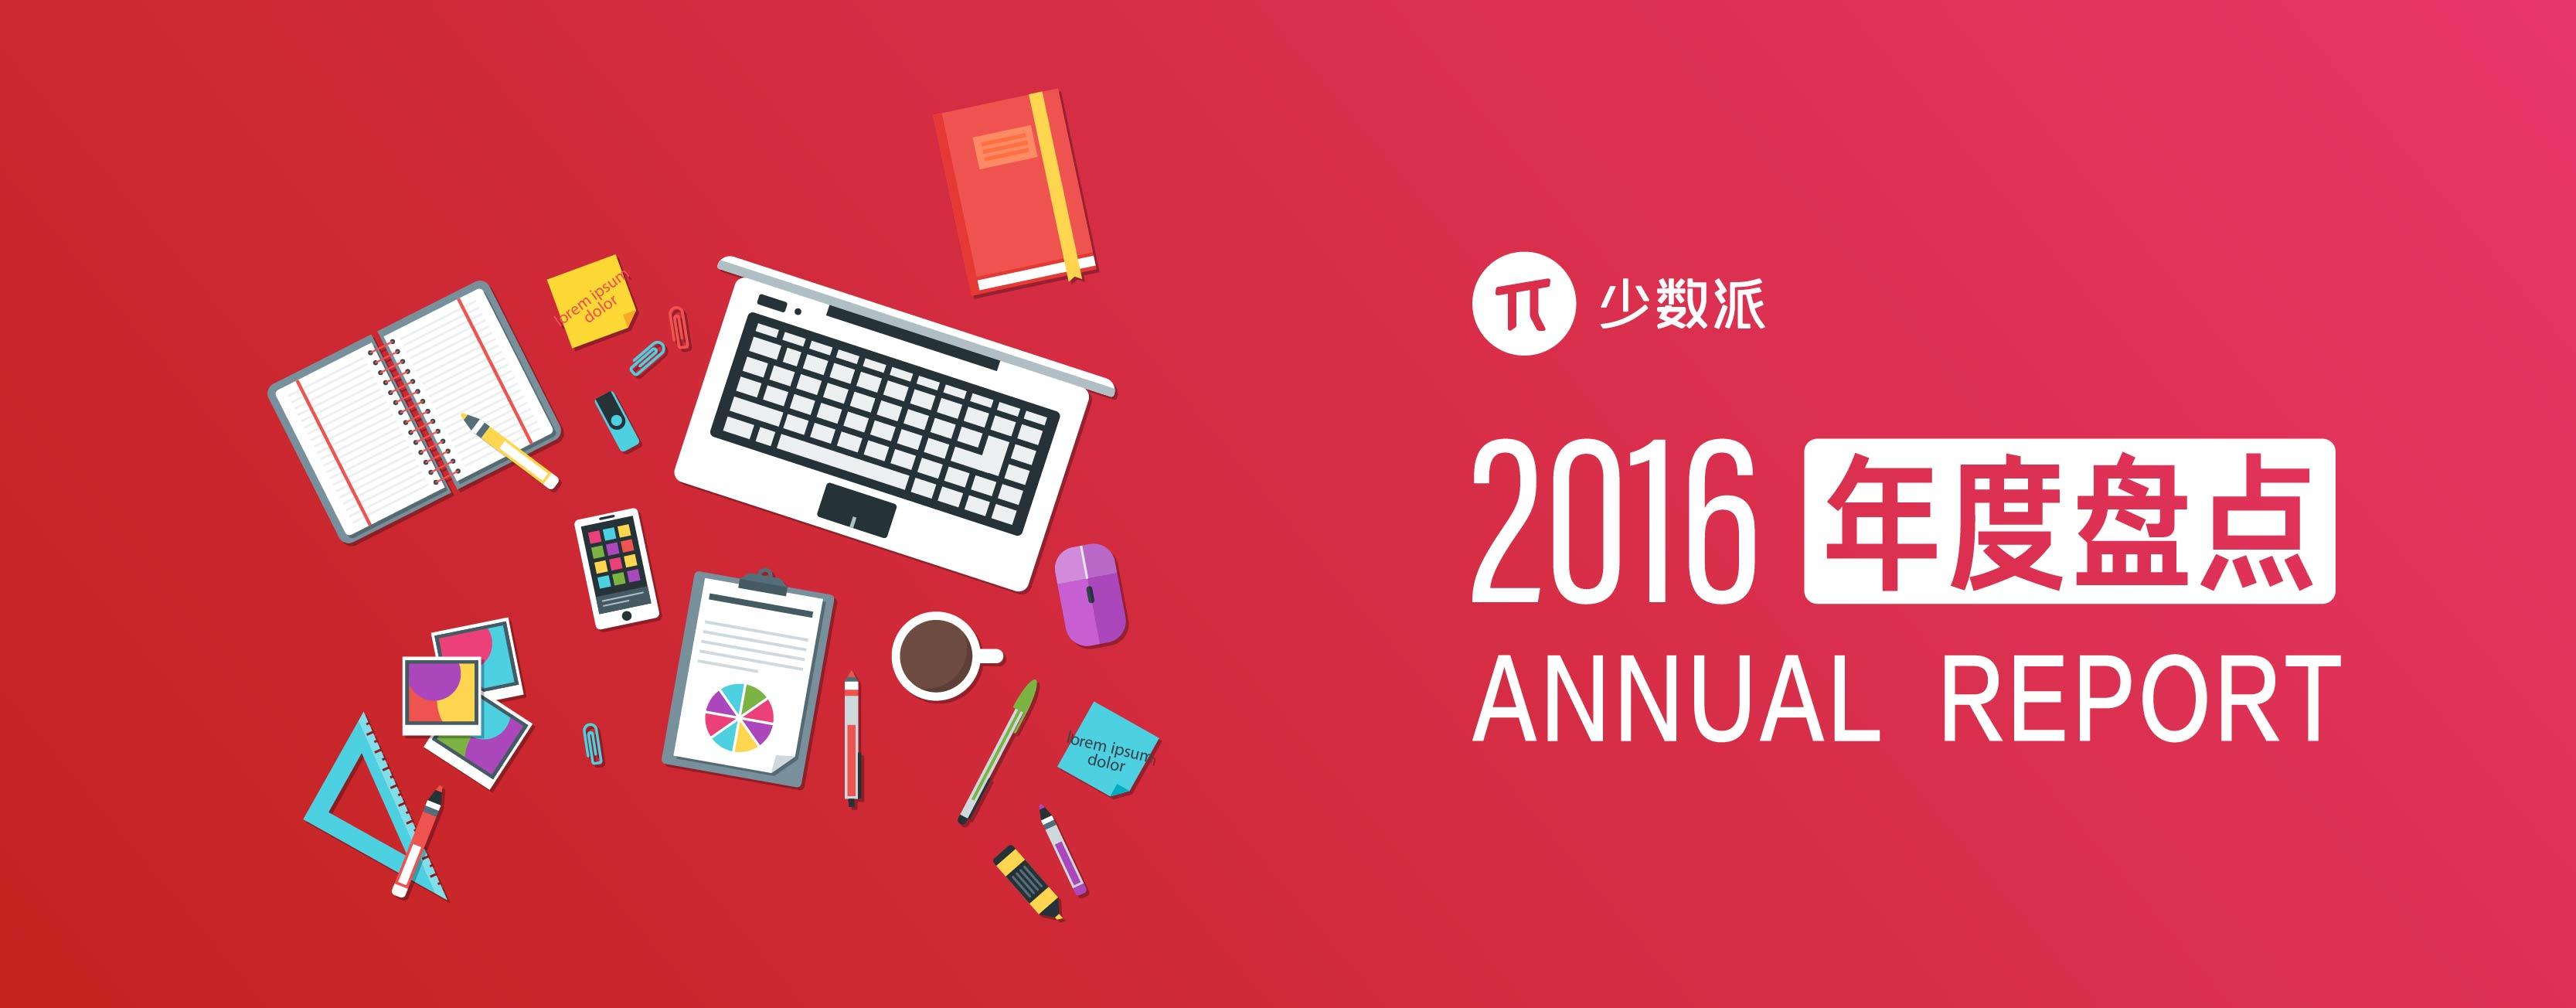 少数派 2016 年度征文活动